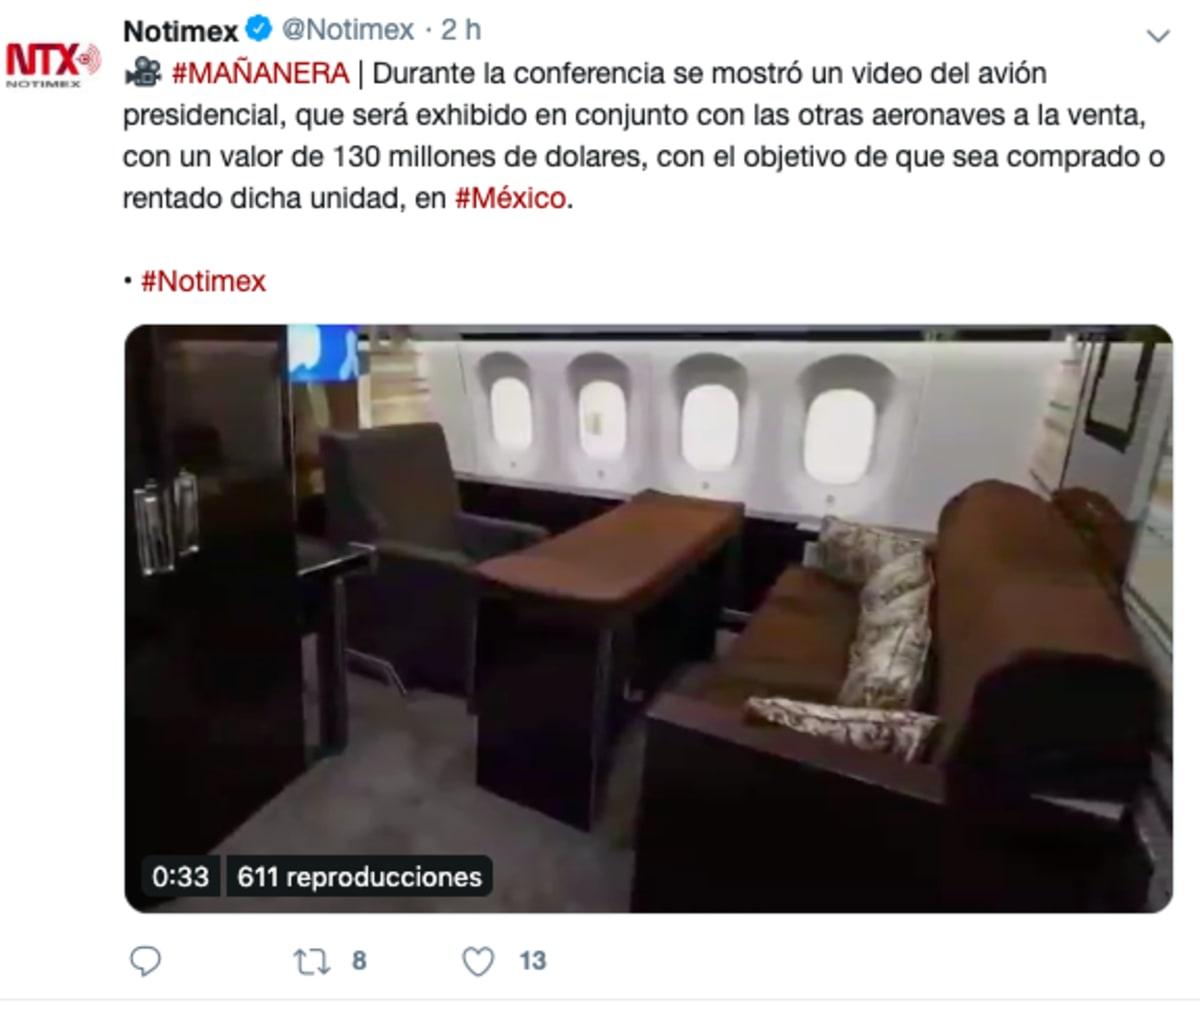 Avión presidencial regresará a México tras fracaso de venta